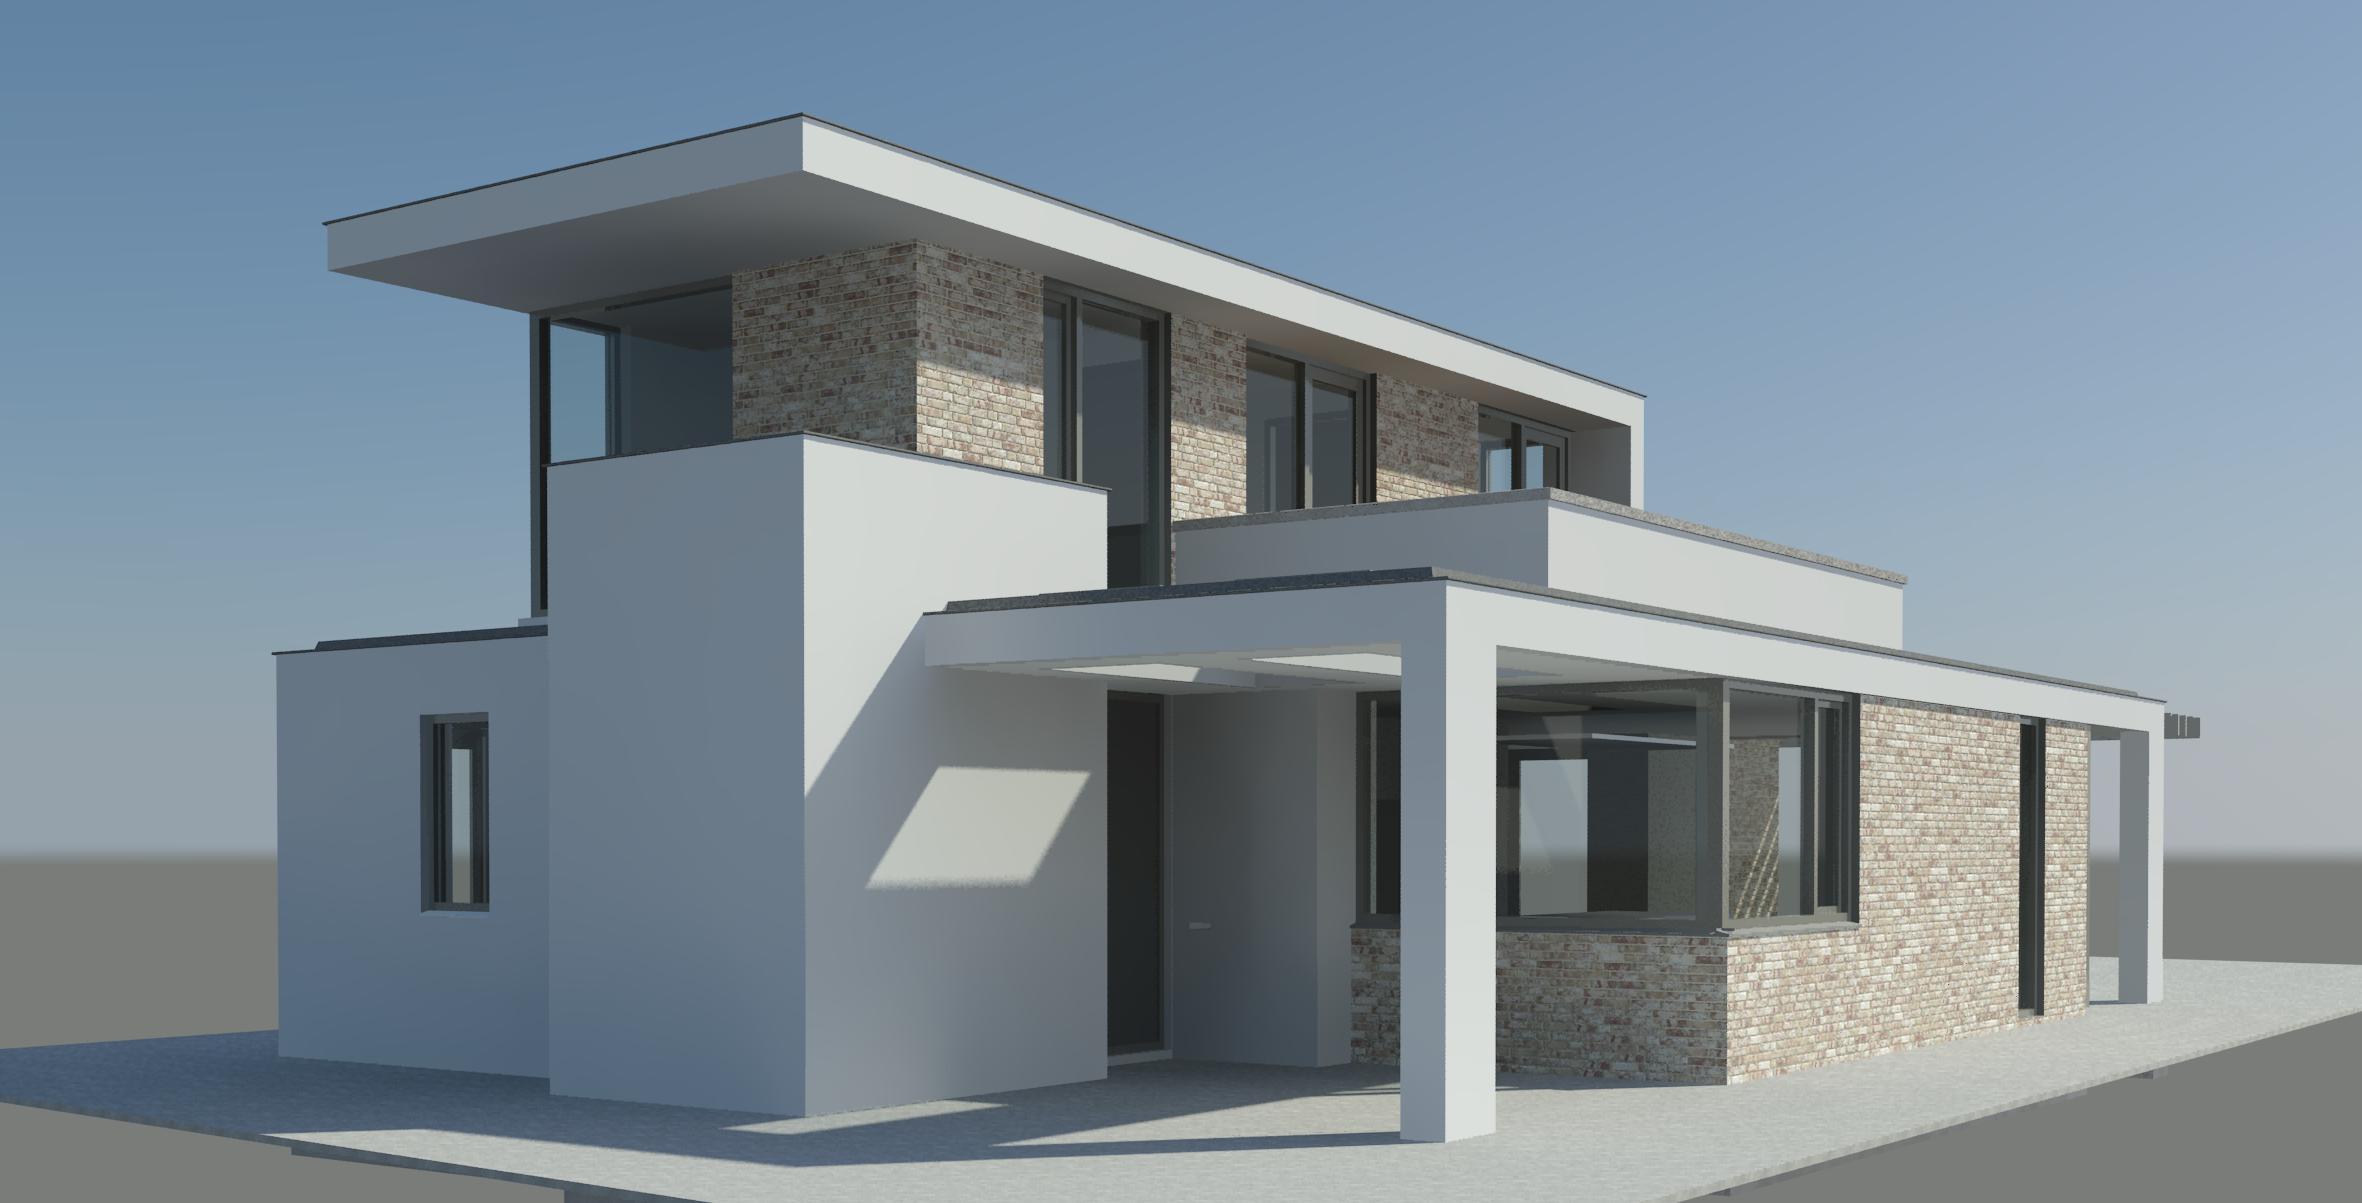 Wit gestuukte moderne woning in plan vaart alkmaar nico dekker ontwerp bouwkunde - Plan indoor moderne woning ...